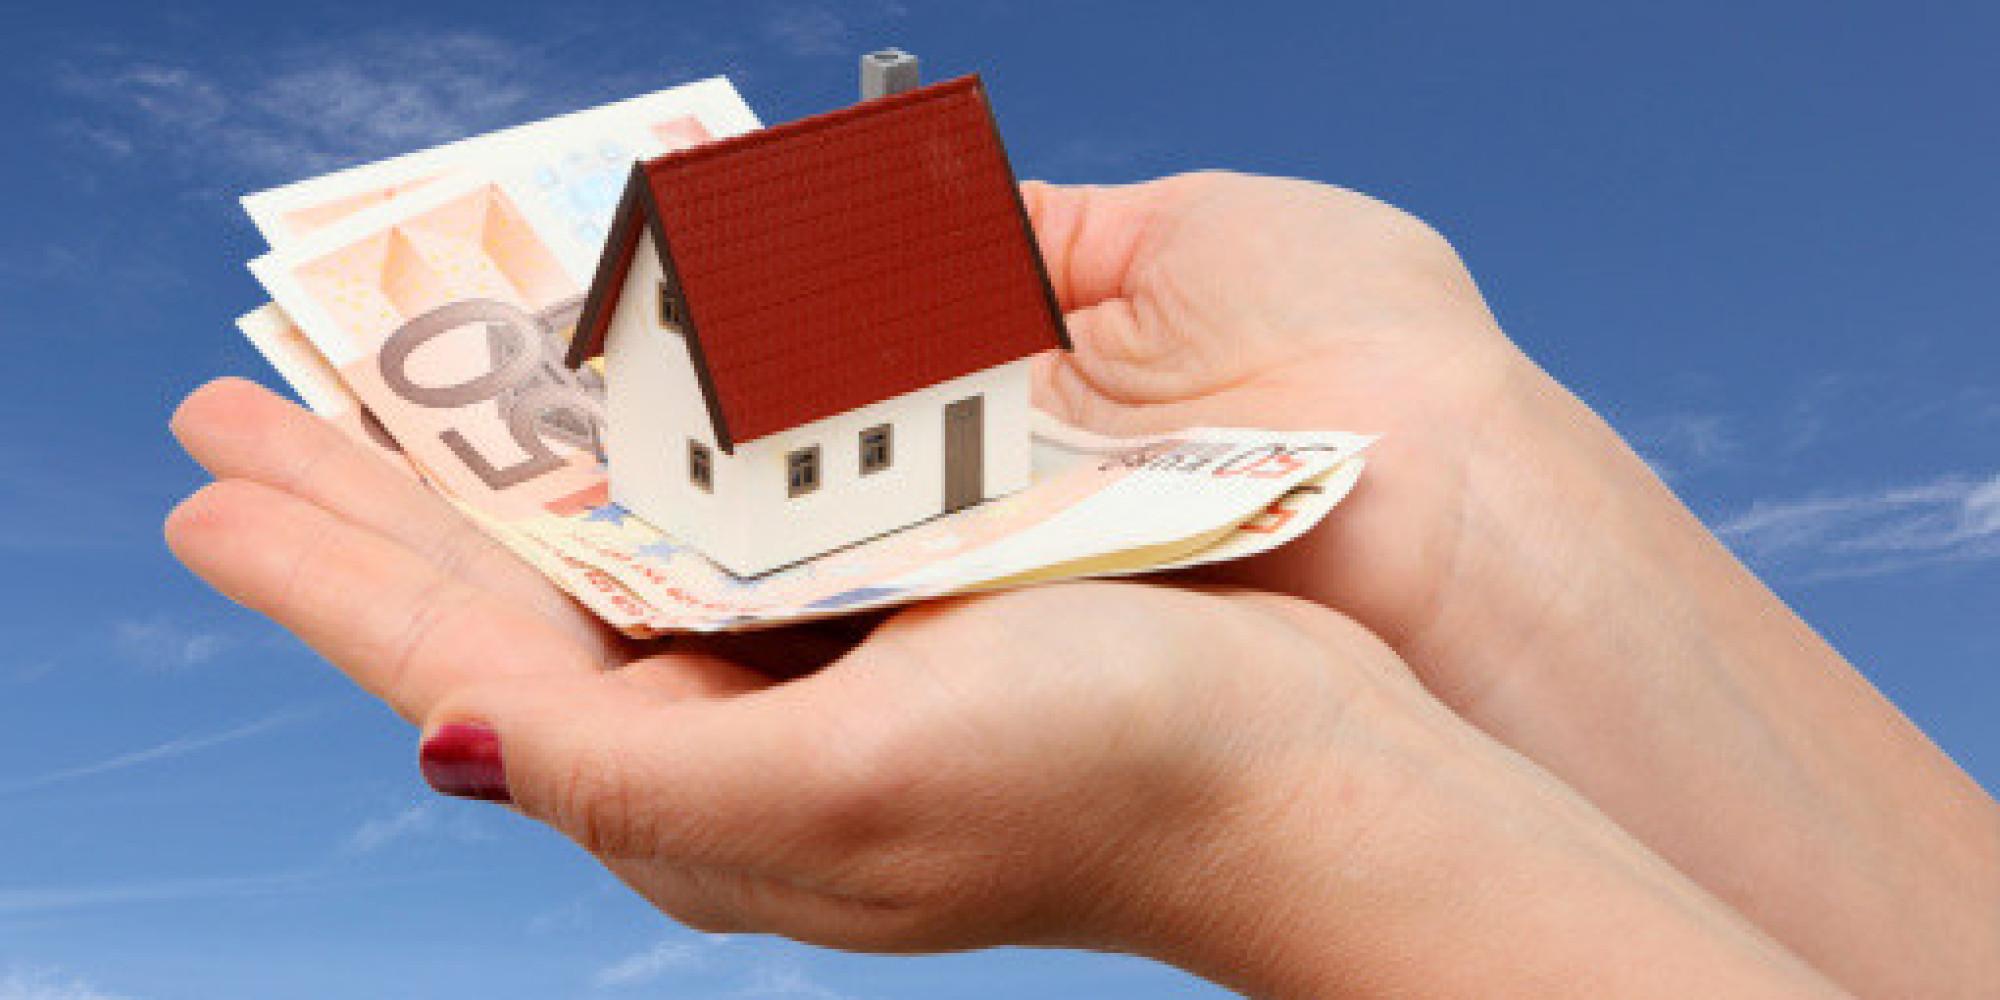 Offerte mutui, ecco cosa bisogna sapere per poter scegliere al meglio.